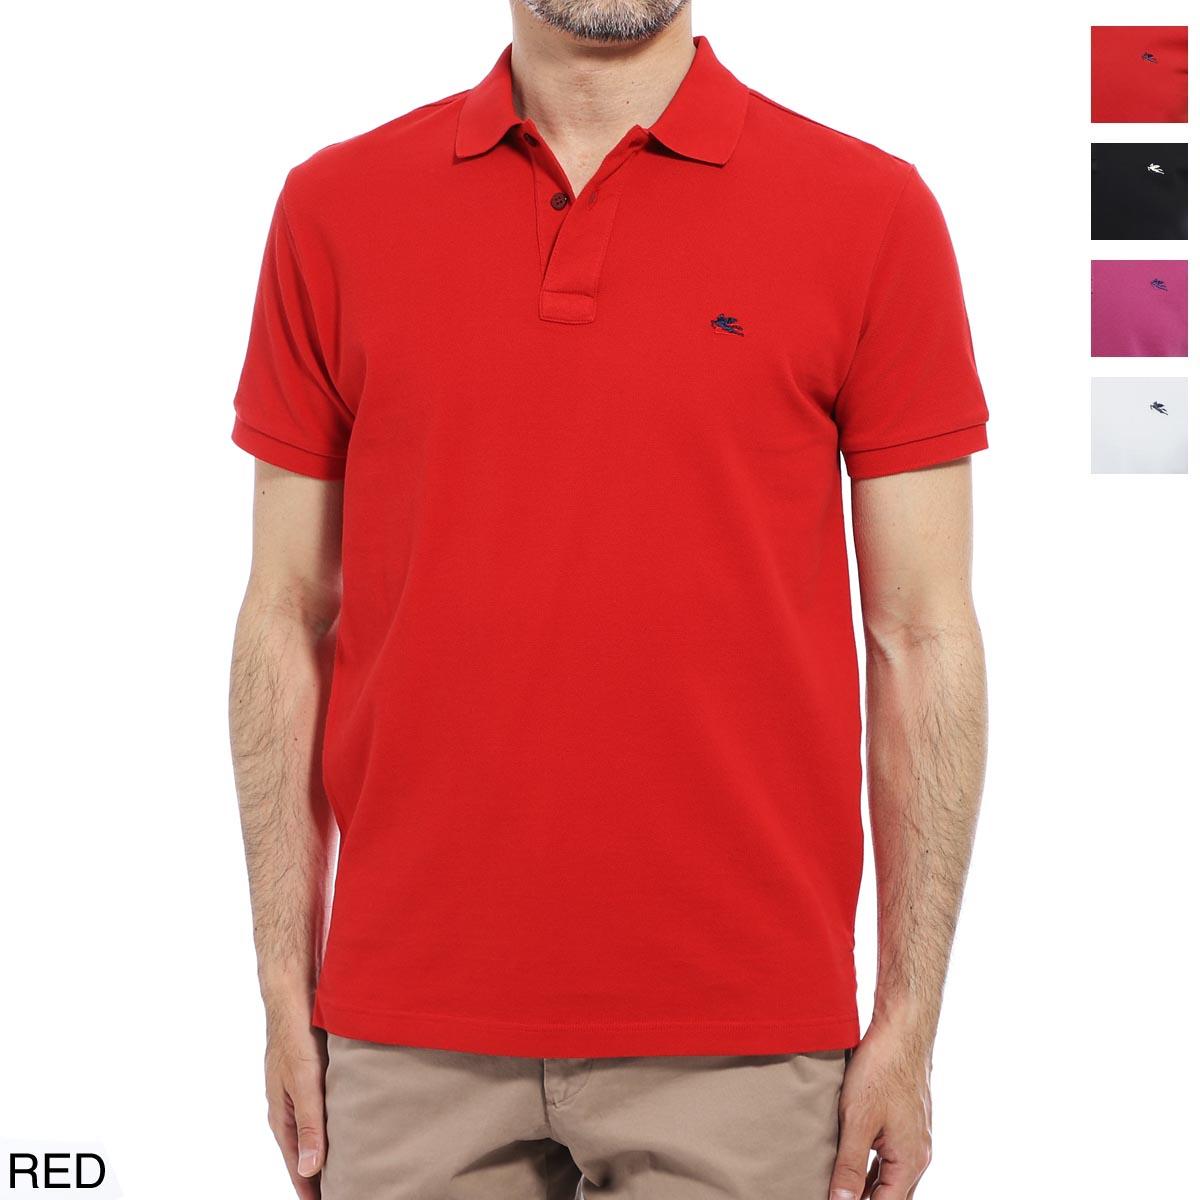 エトロ ETRO ポロシャツ メンズ コットン 綿 半袖 1y140 9240 600 REGULAR FIT【あす楽対応_関東】【返品送料無料】【ラッピング無料】